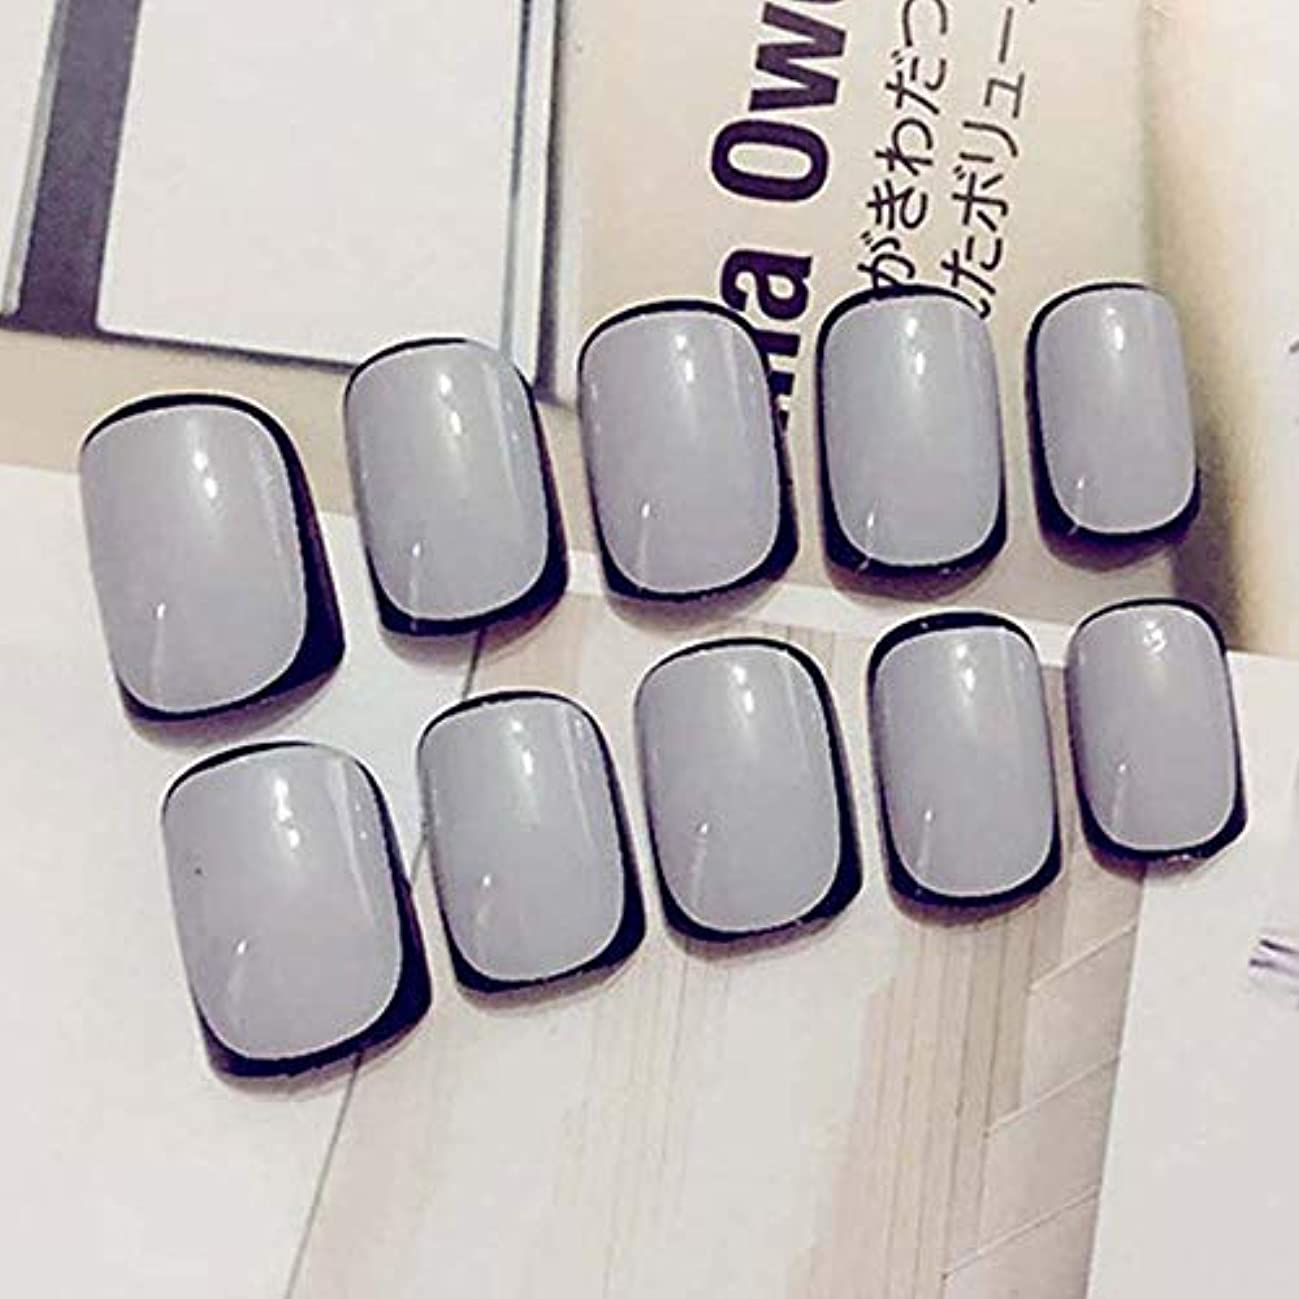 新聞フェードアウト乳製品XUTXZKA 24pcs女性ショートサイズフルカバーネイルレディースダークグレーカラーブラックネイル